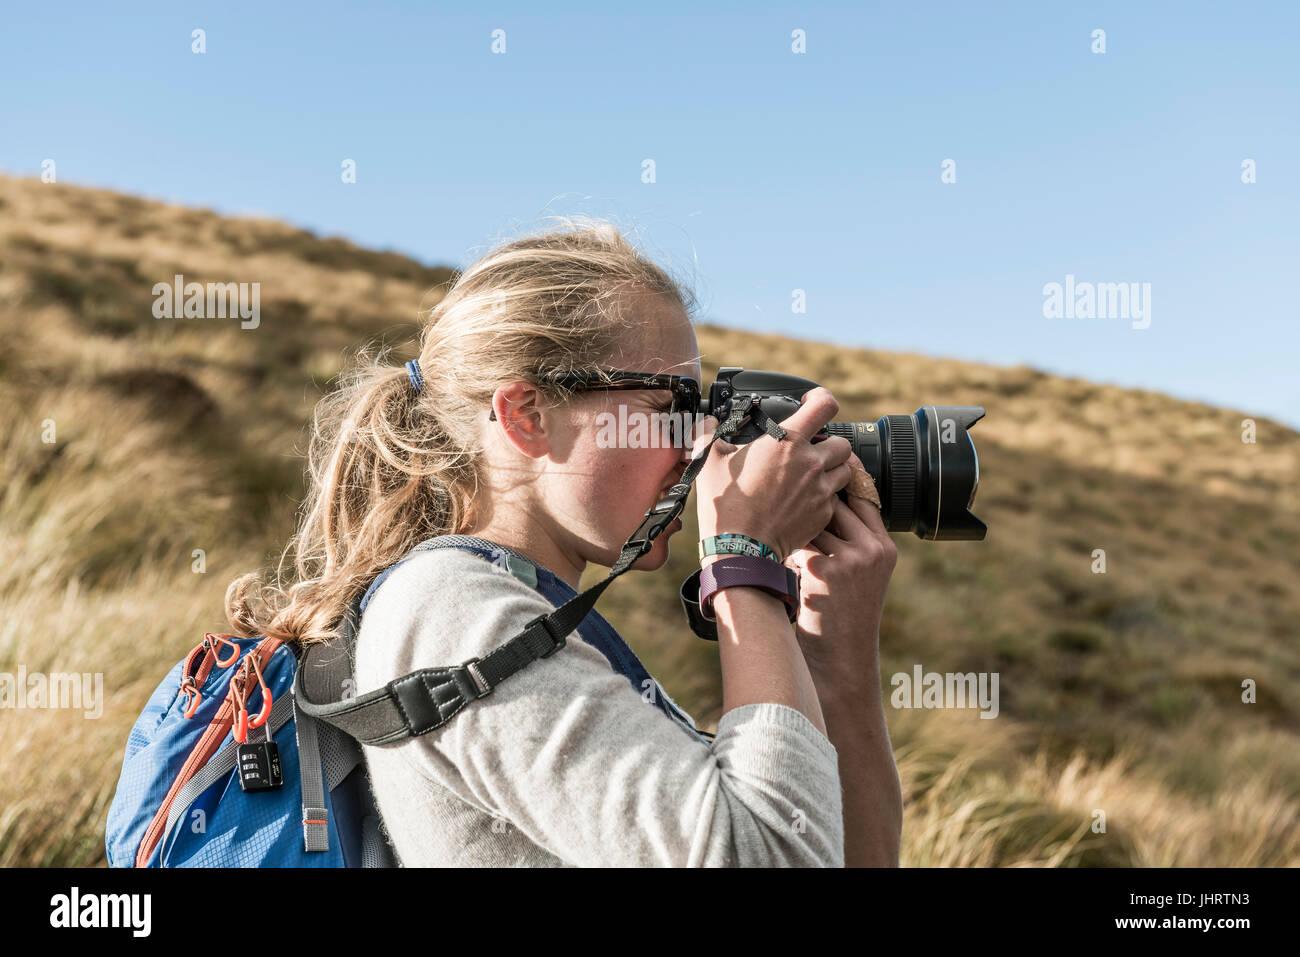 Excursionista femenina tomando fotografías con una cámara réflex, Otago, Isla del Sur, Nueva Zelanda Imagen De Stock